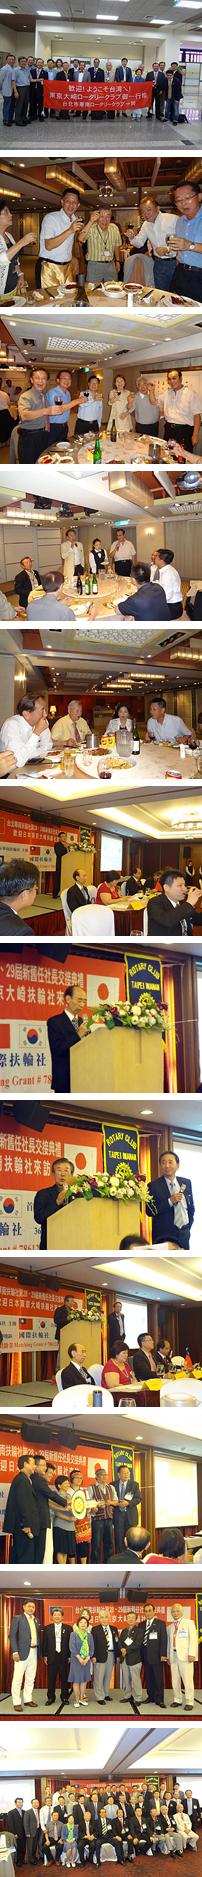 台北華南RC会長交代式 訪問